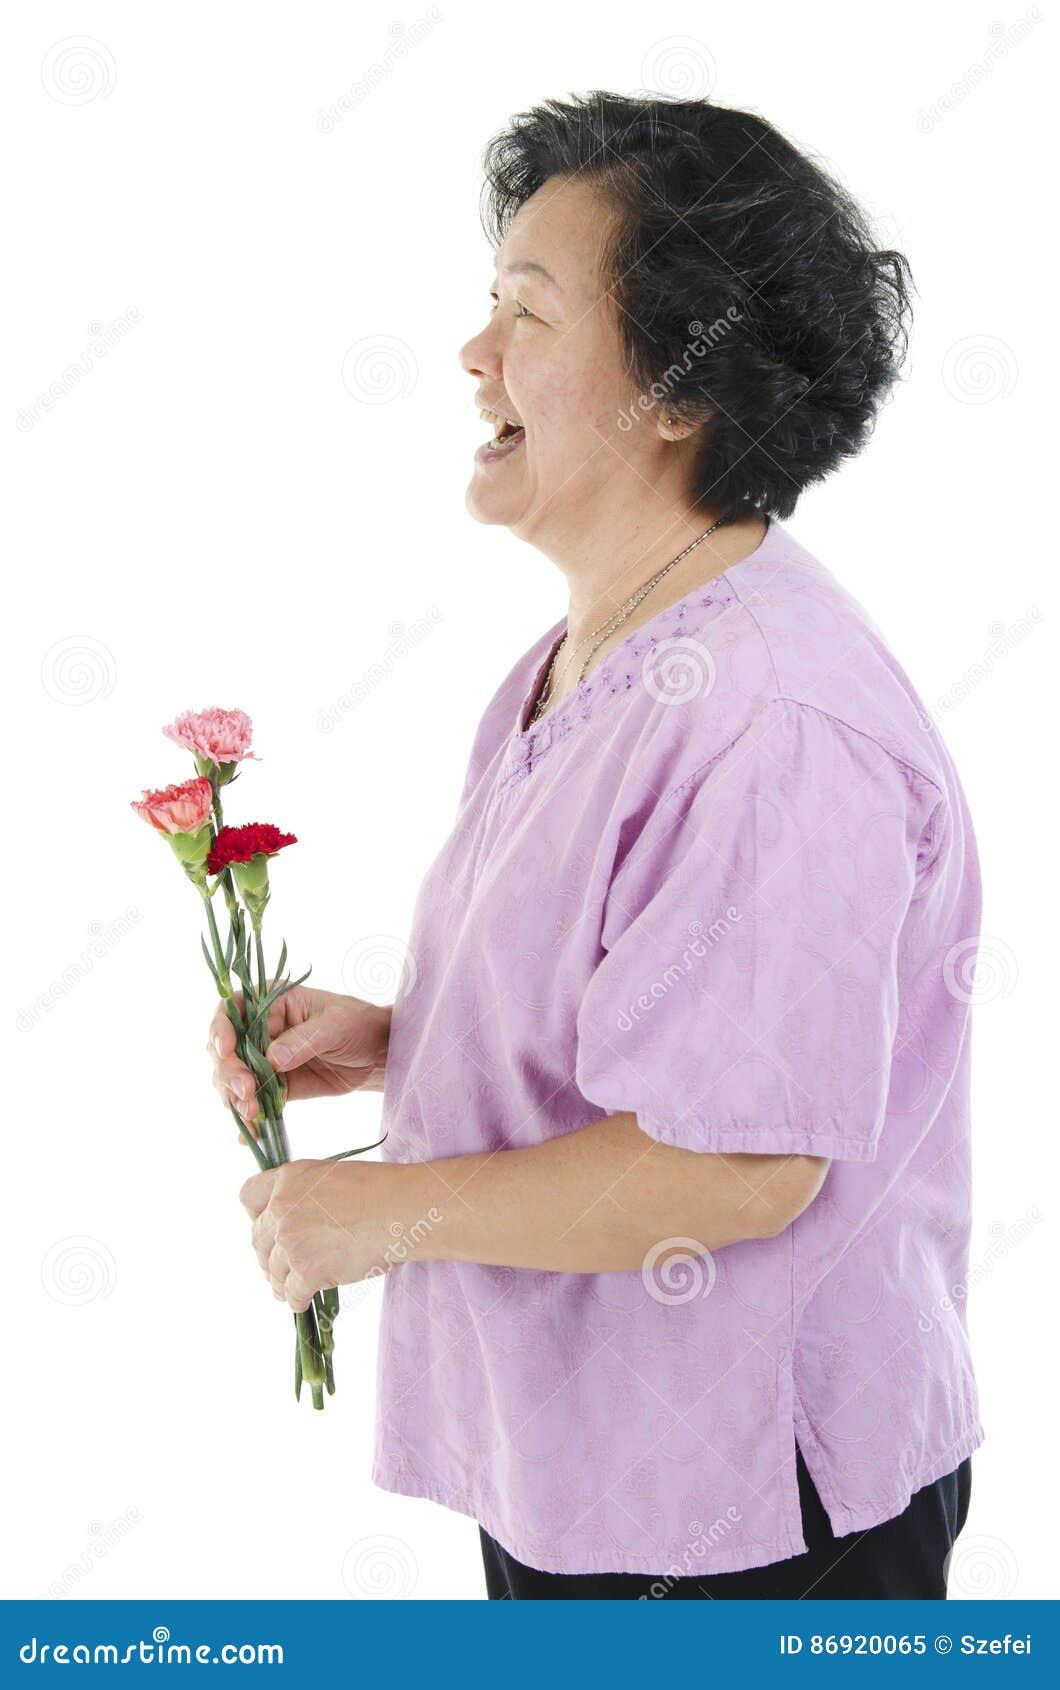 Mulher e flor do cravo no dia de mães